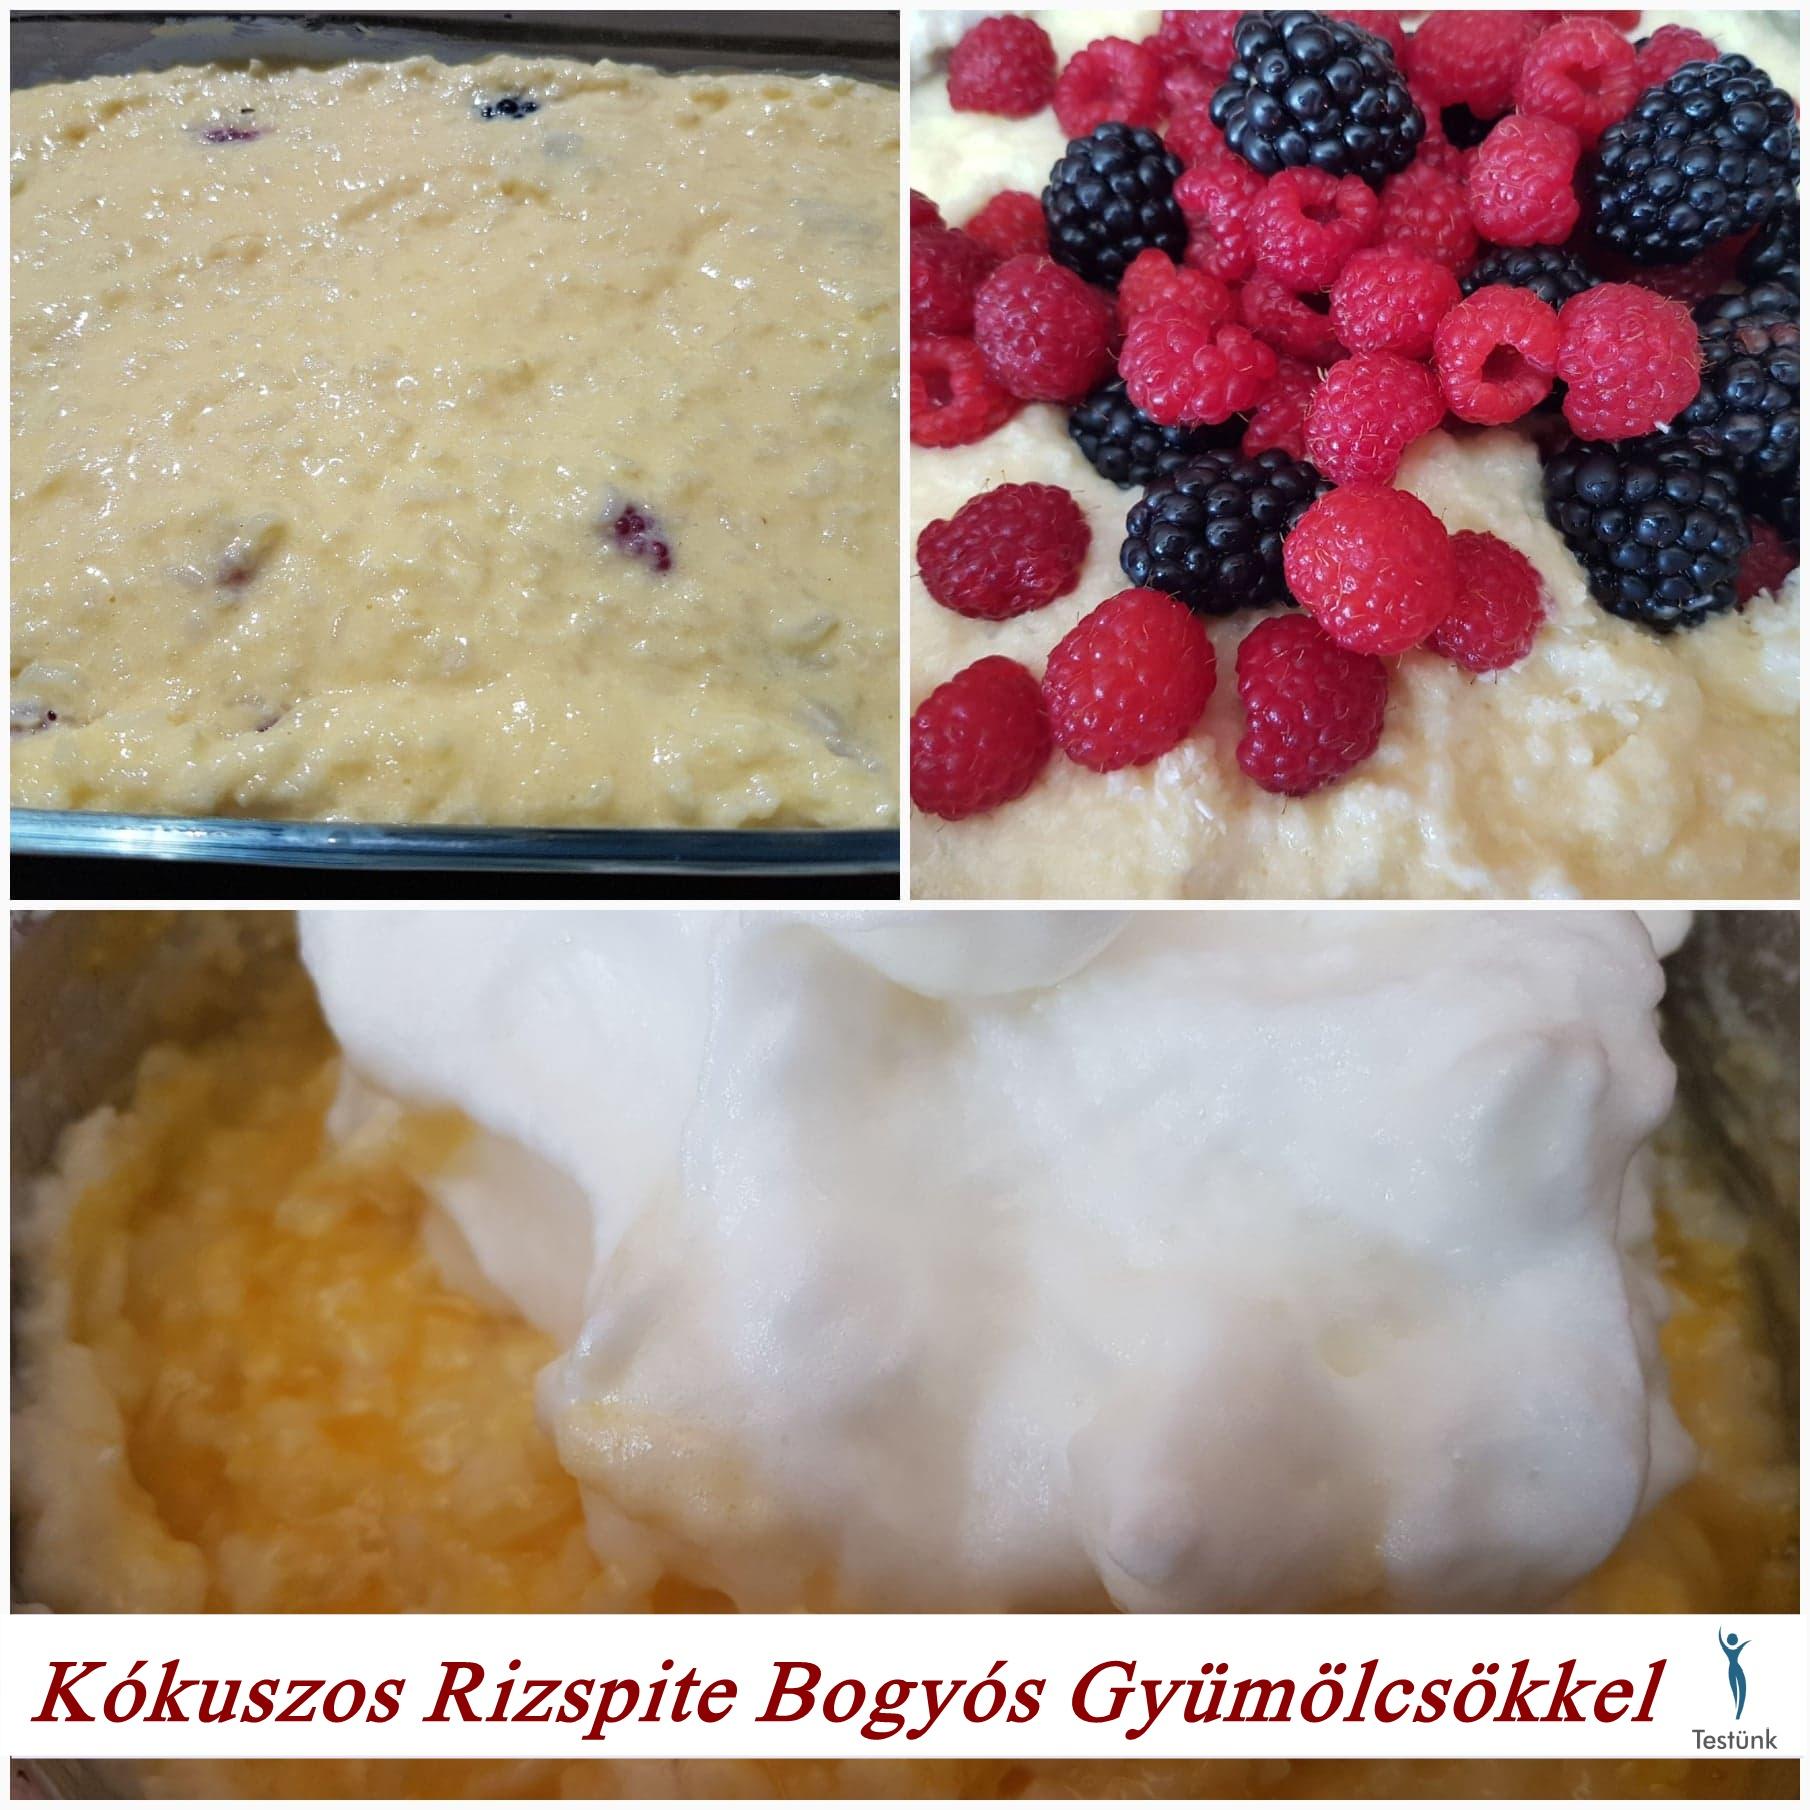 kokuszos_rizspite_kokuszos_rizspite_bogyos_gyumolcsokkel.jpg